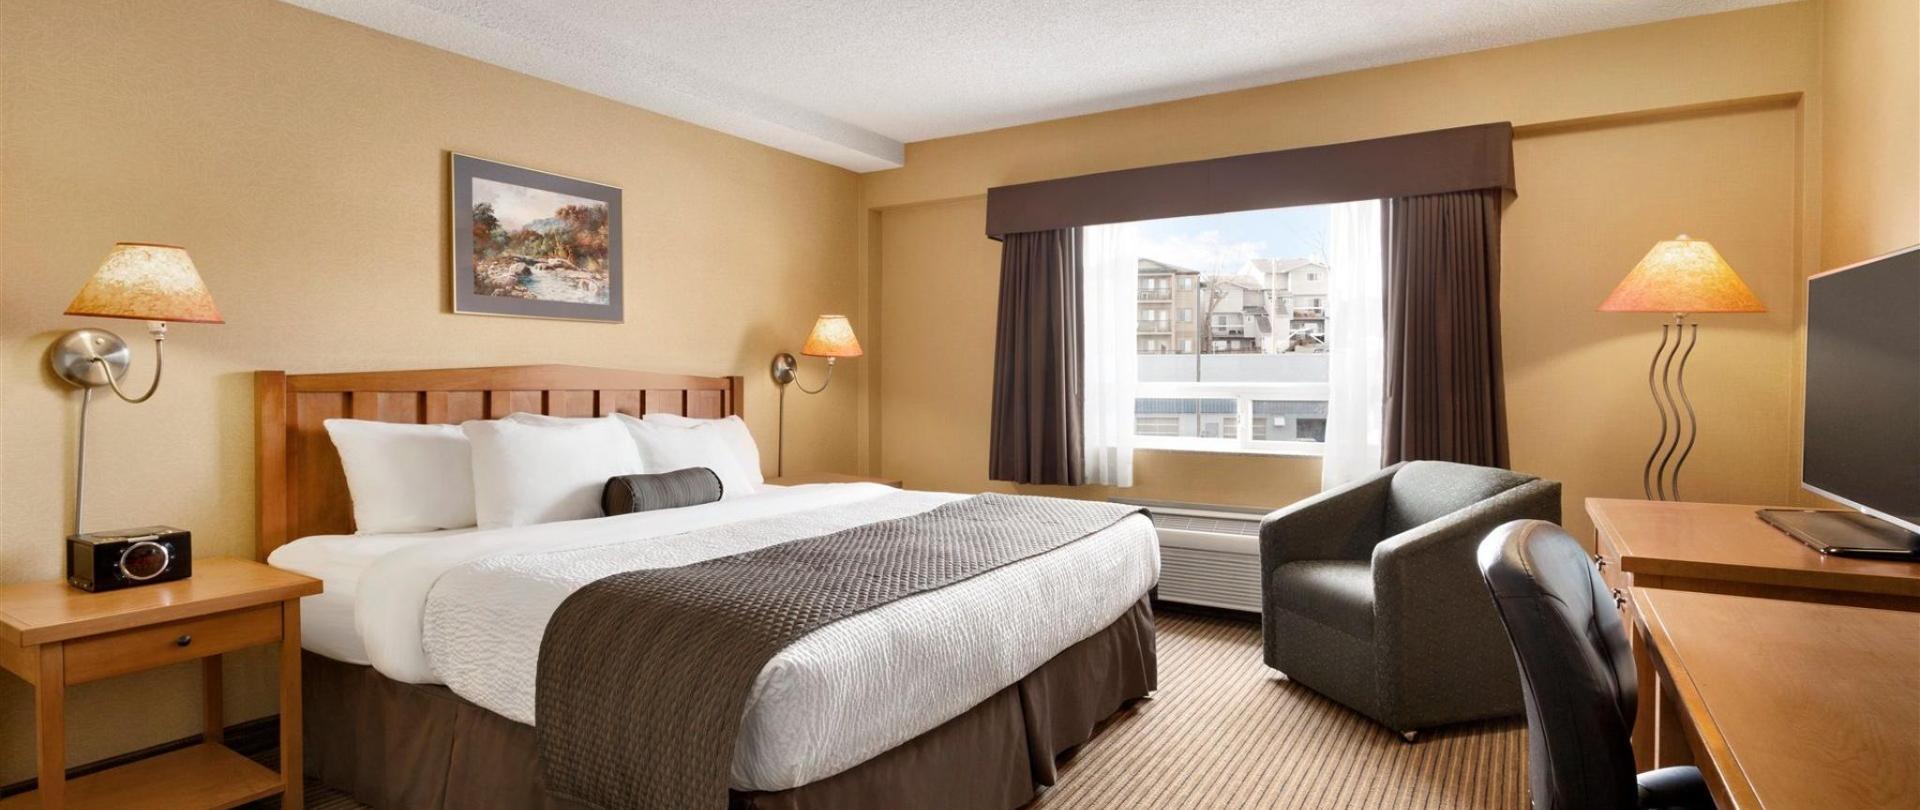 days-inn-calgary-south-1-king-bed-room-1181537.jpg